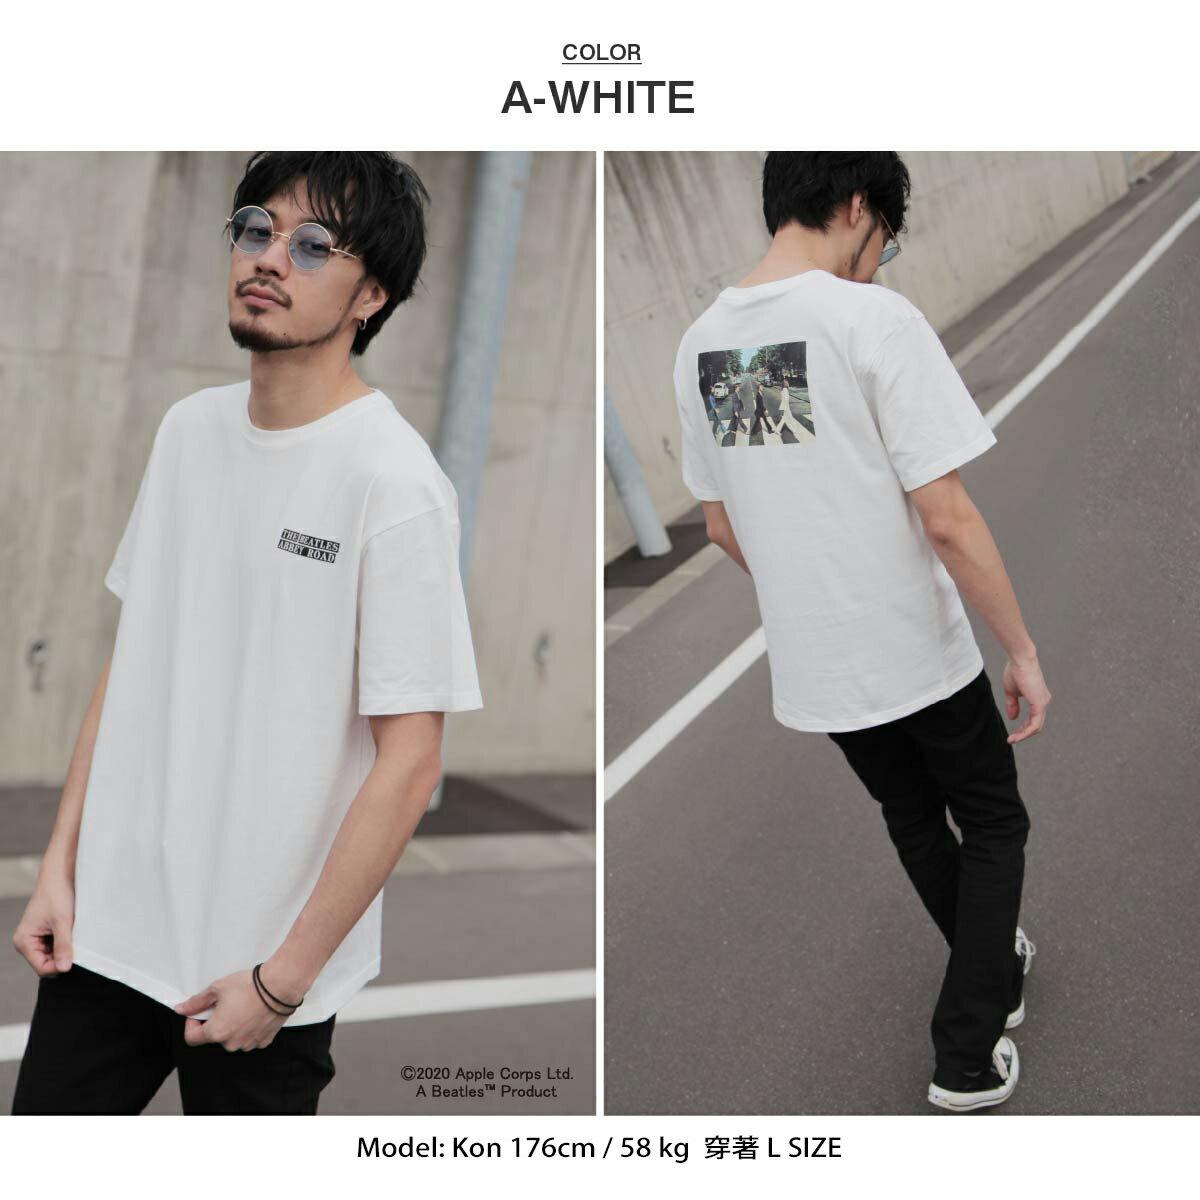 【New】披頭四印刷短袖T恤  Abbey Road 艾比路 披頭四 3